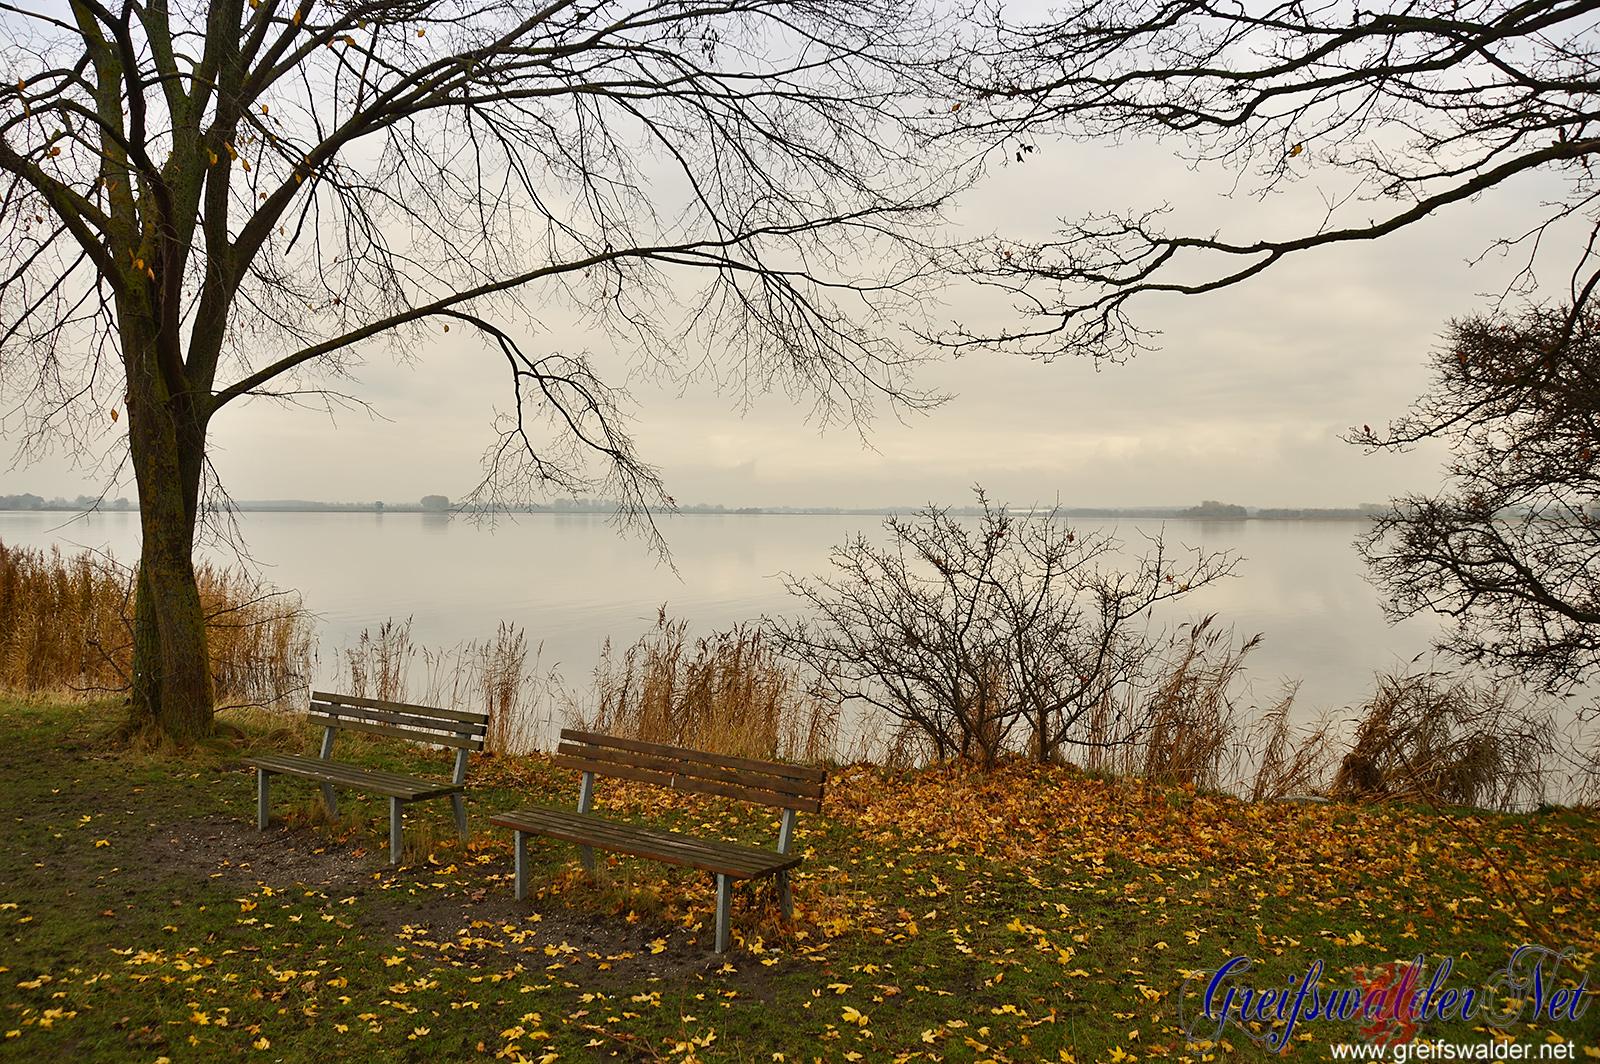 Herbst an der Dänischen Wiek in Greifswald-Wieck